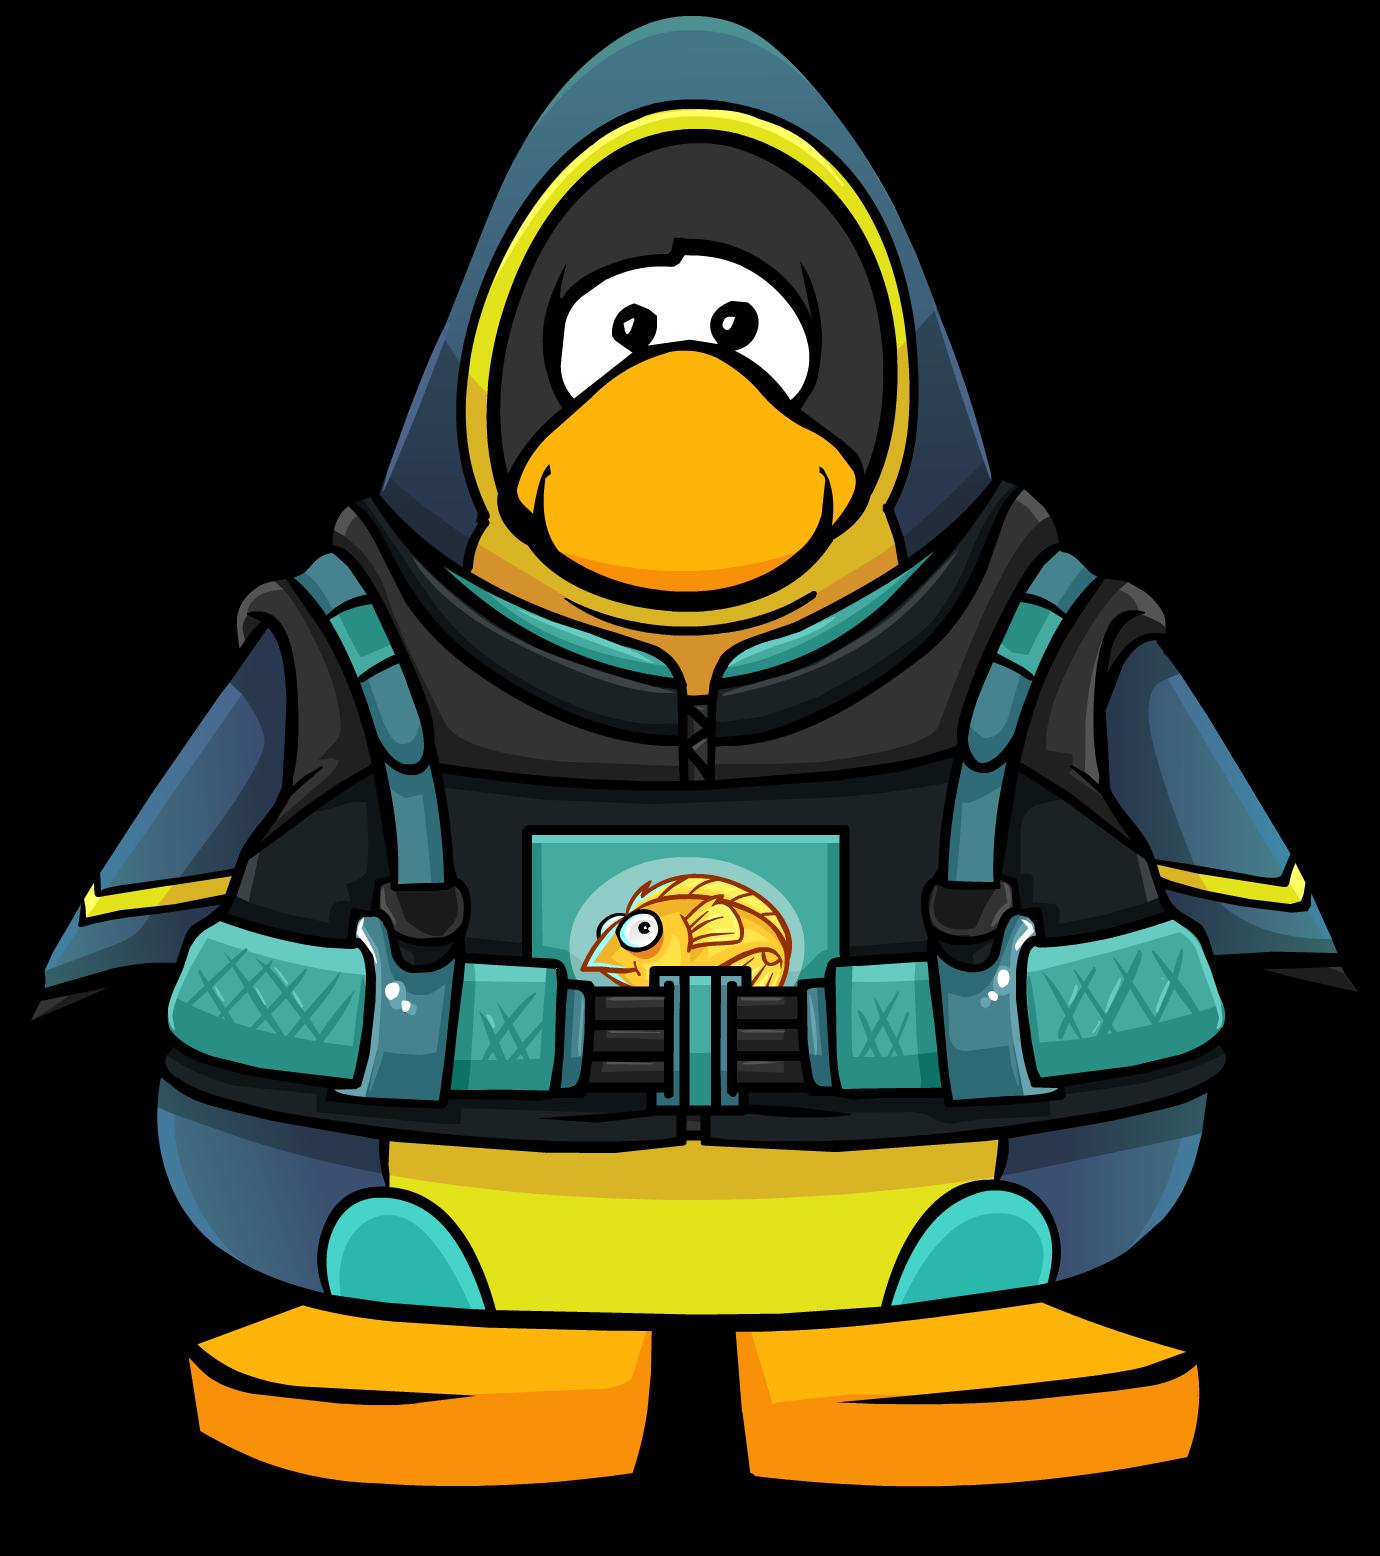 Diver clipart deep sea diving. Suit club penguin wiki